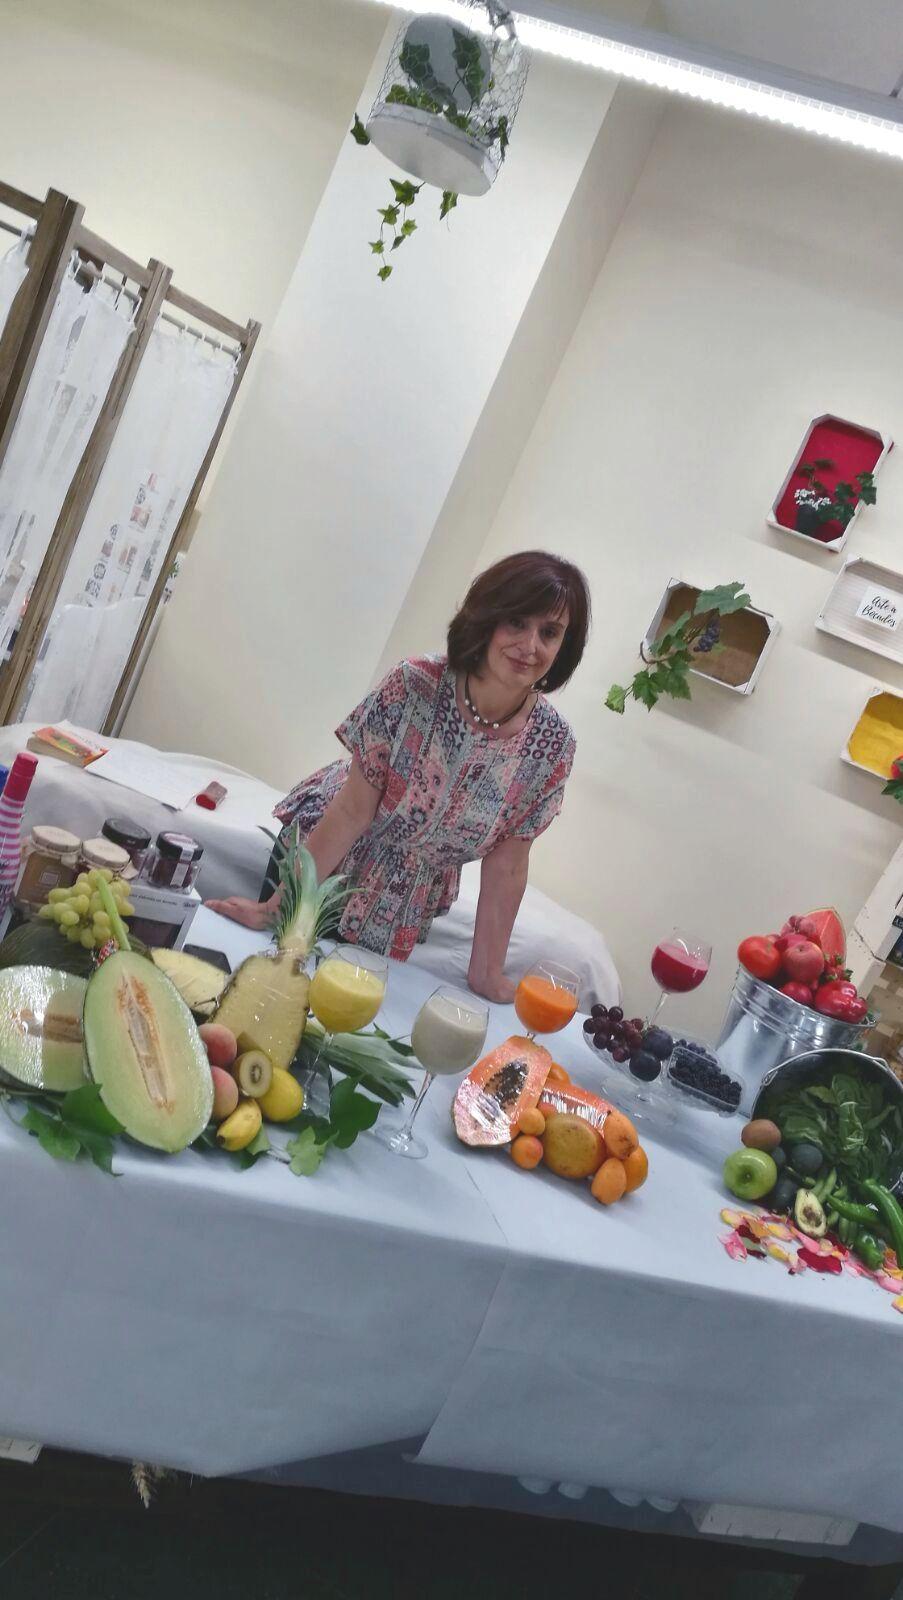 Talleres sobre coaching nutricional y bienestar en Zaragoza